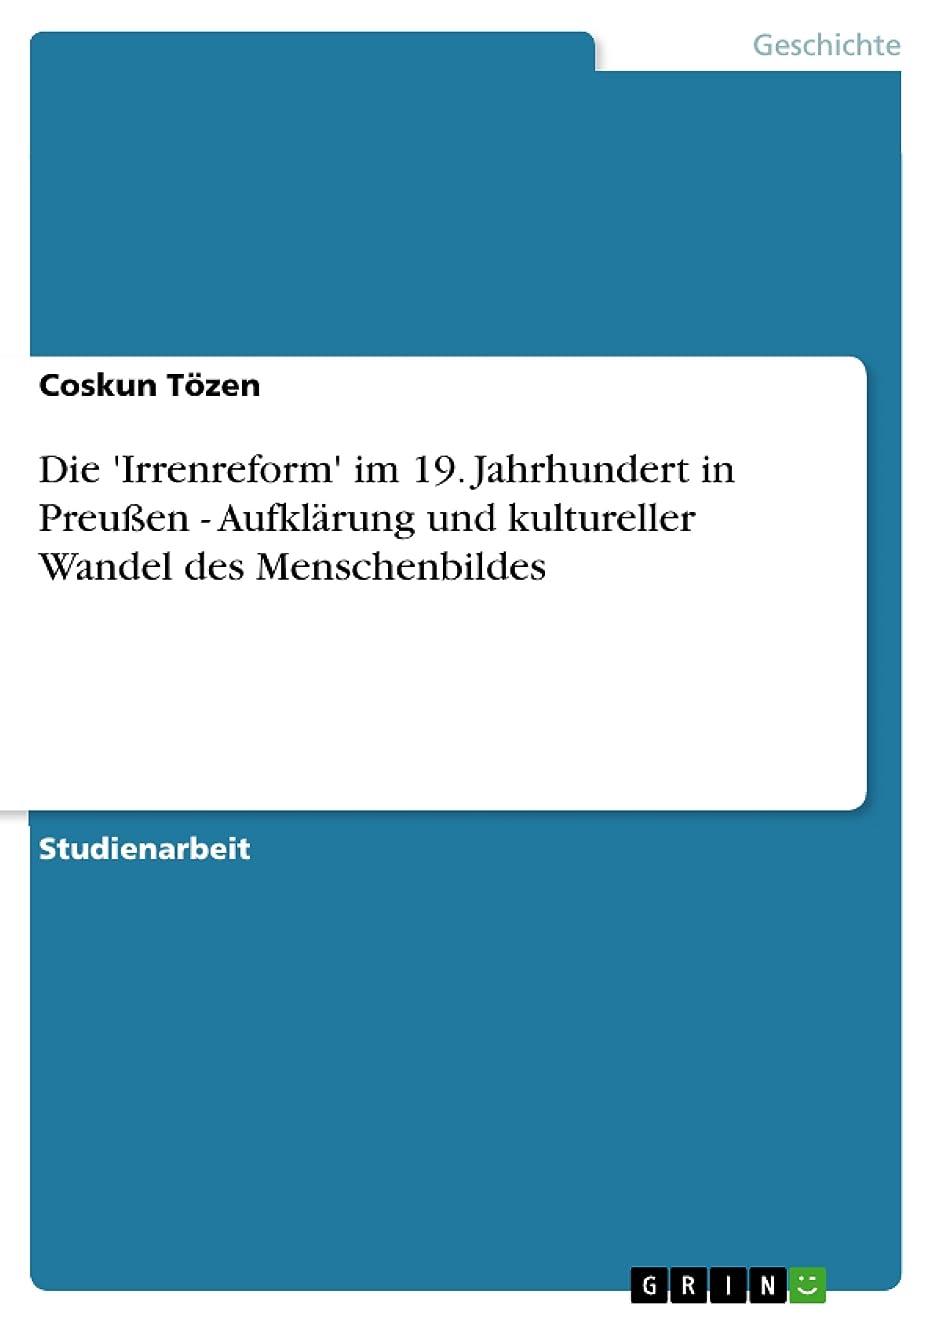 するジョージバーナードナプキンDie 'Irrenreform' im 19. Jahrhundert in Preu?en - Aufkl?rung und kultureller Wandel des Menschenbildes (German Edition)